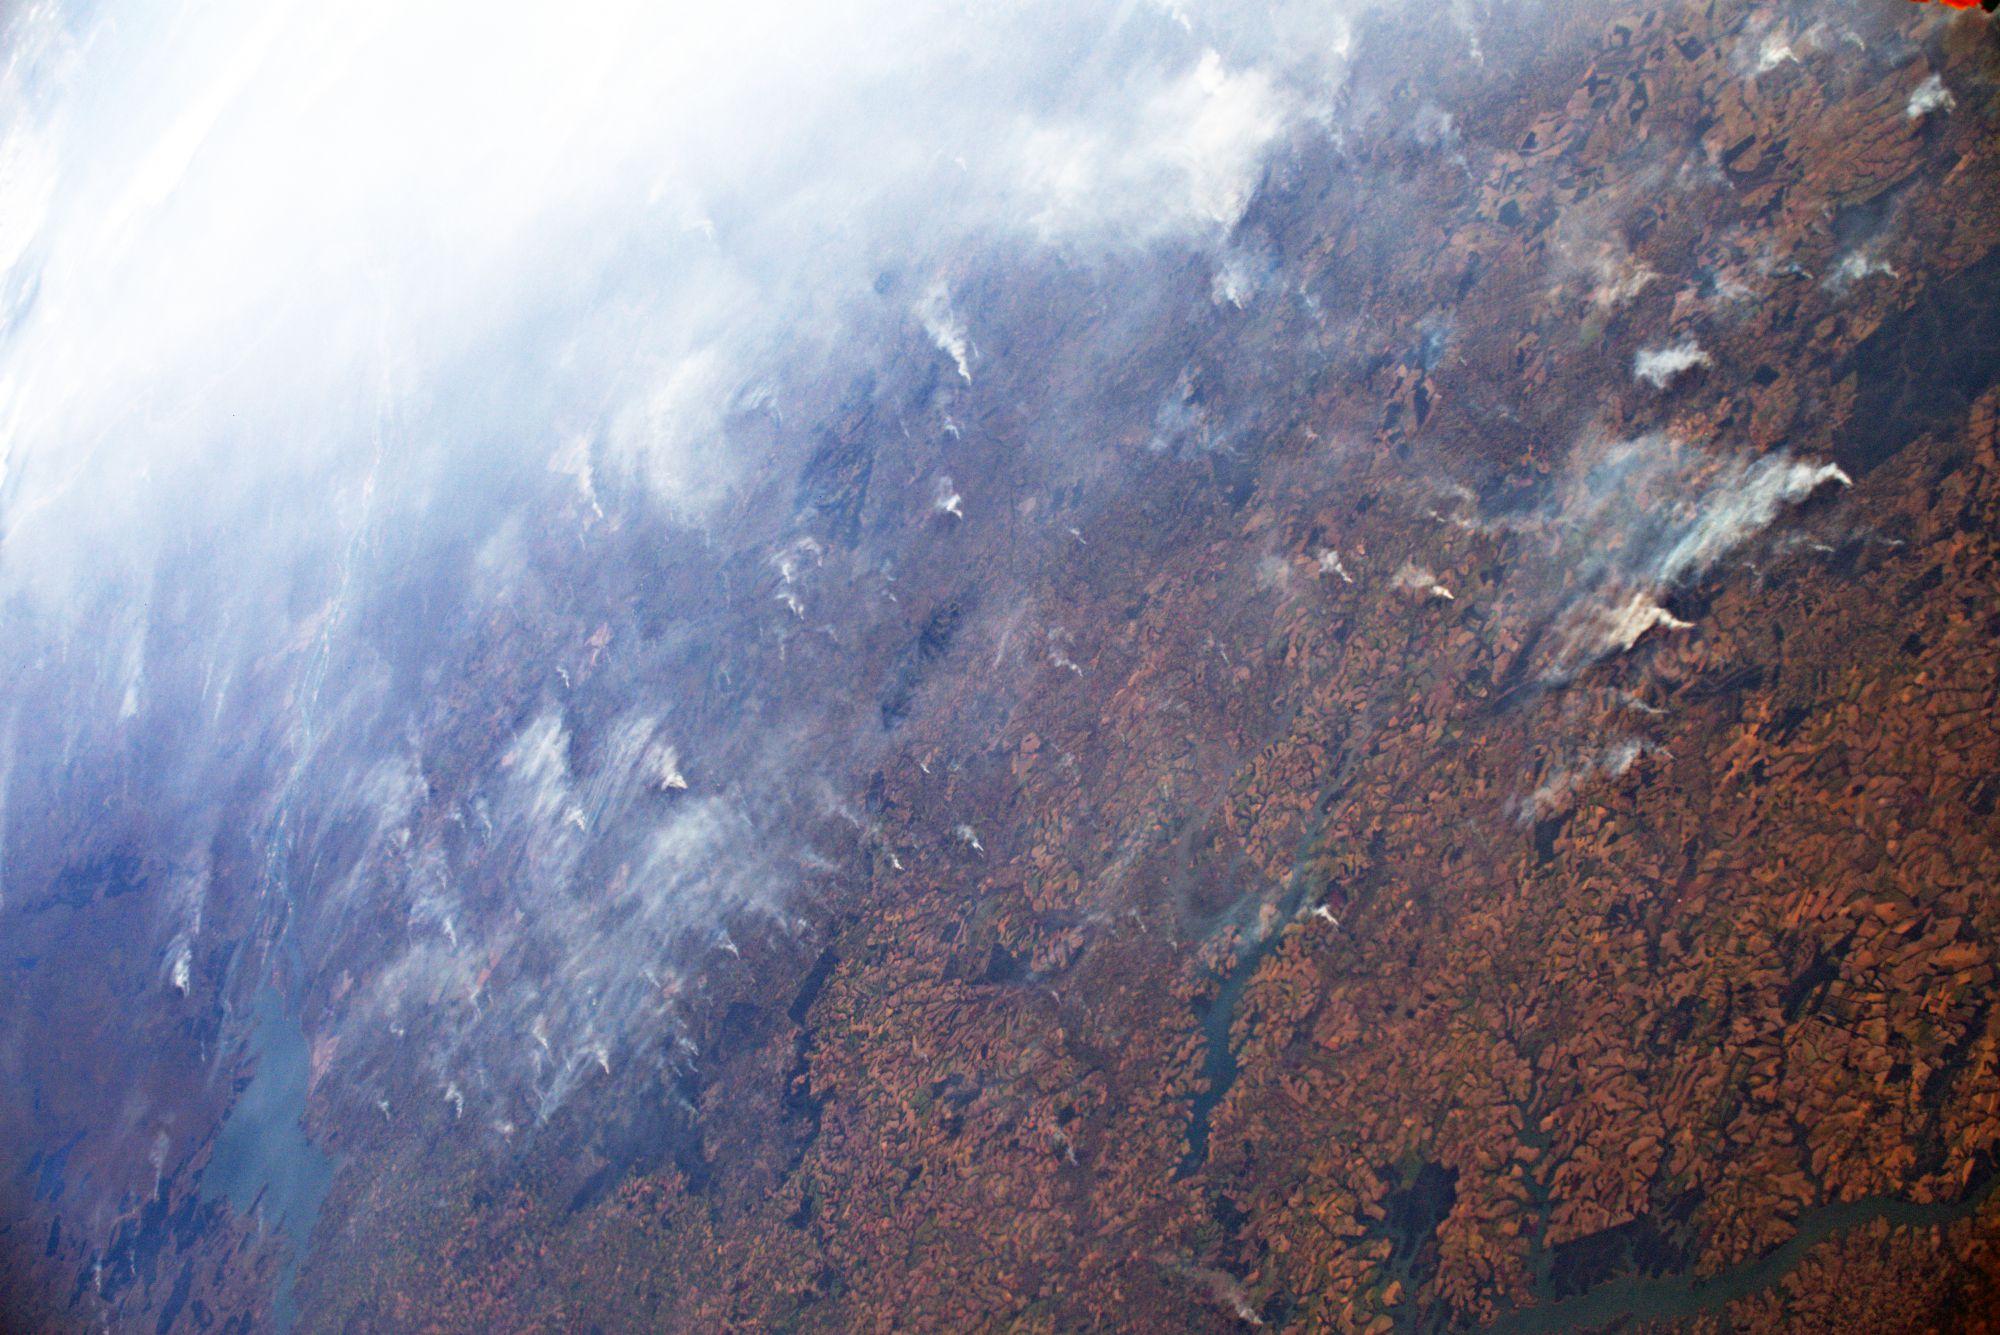 Los incendios en la Amazonía desde la Estación Espacial Internacional